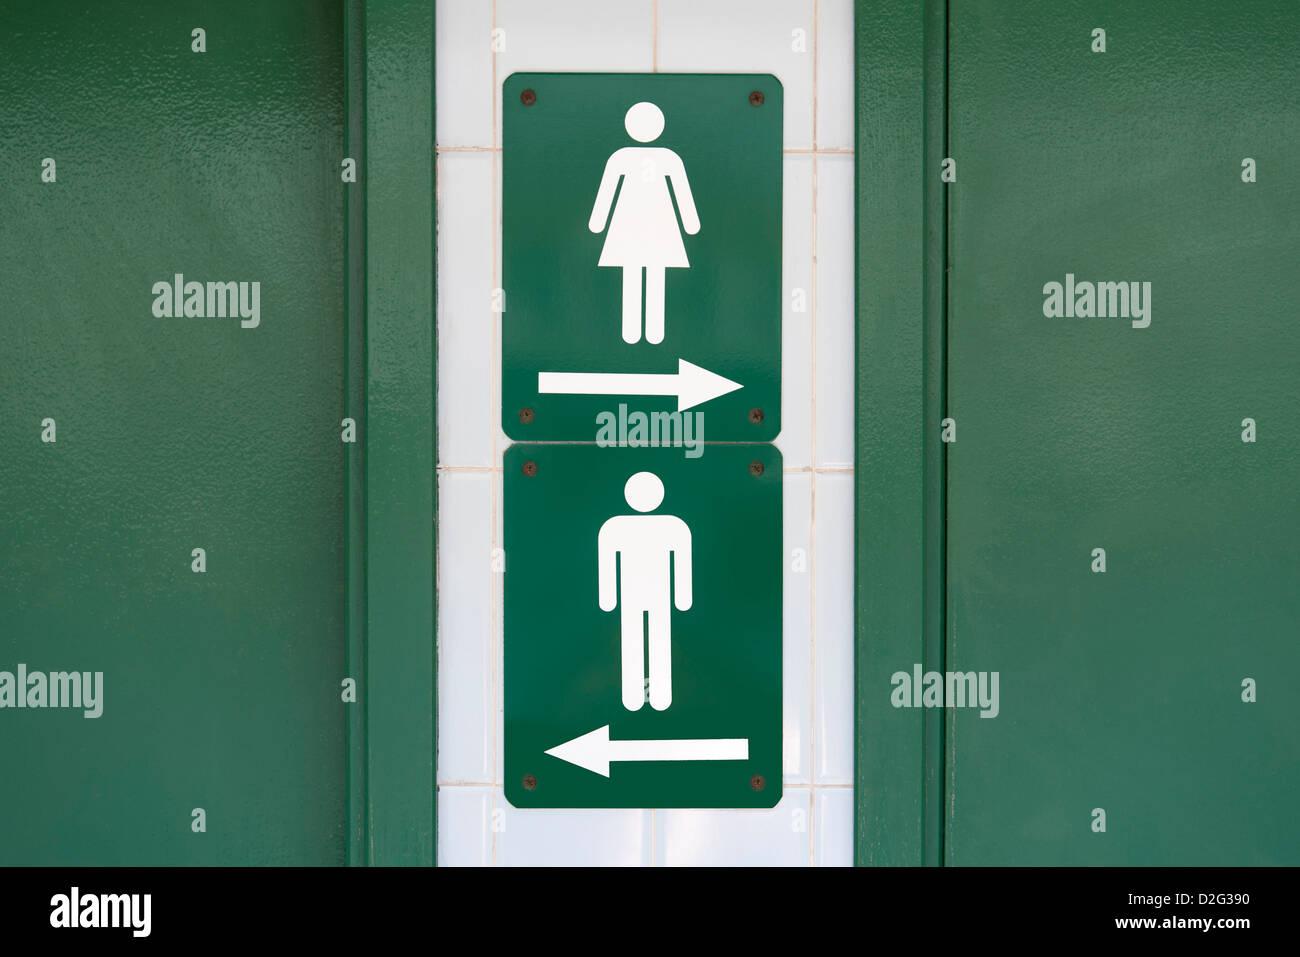 Señal verde con símbolos masculinos y femeninos dirigida a ir en direcciones opuestas Imagen De Stock